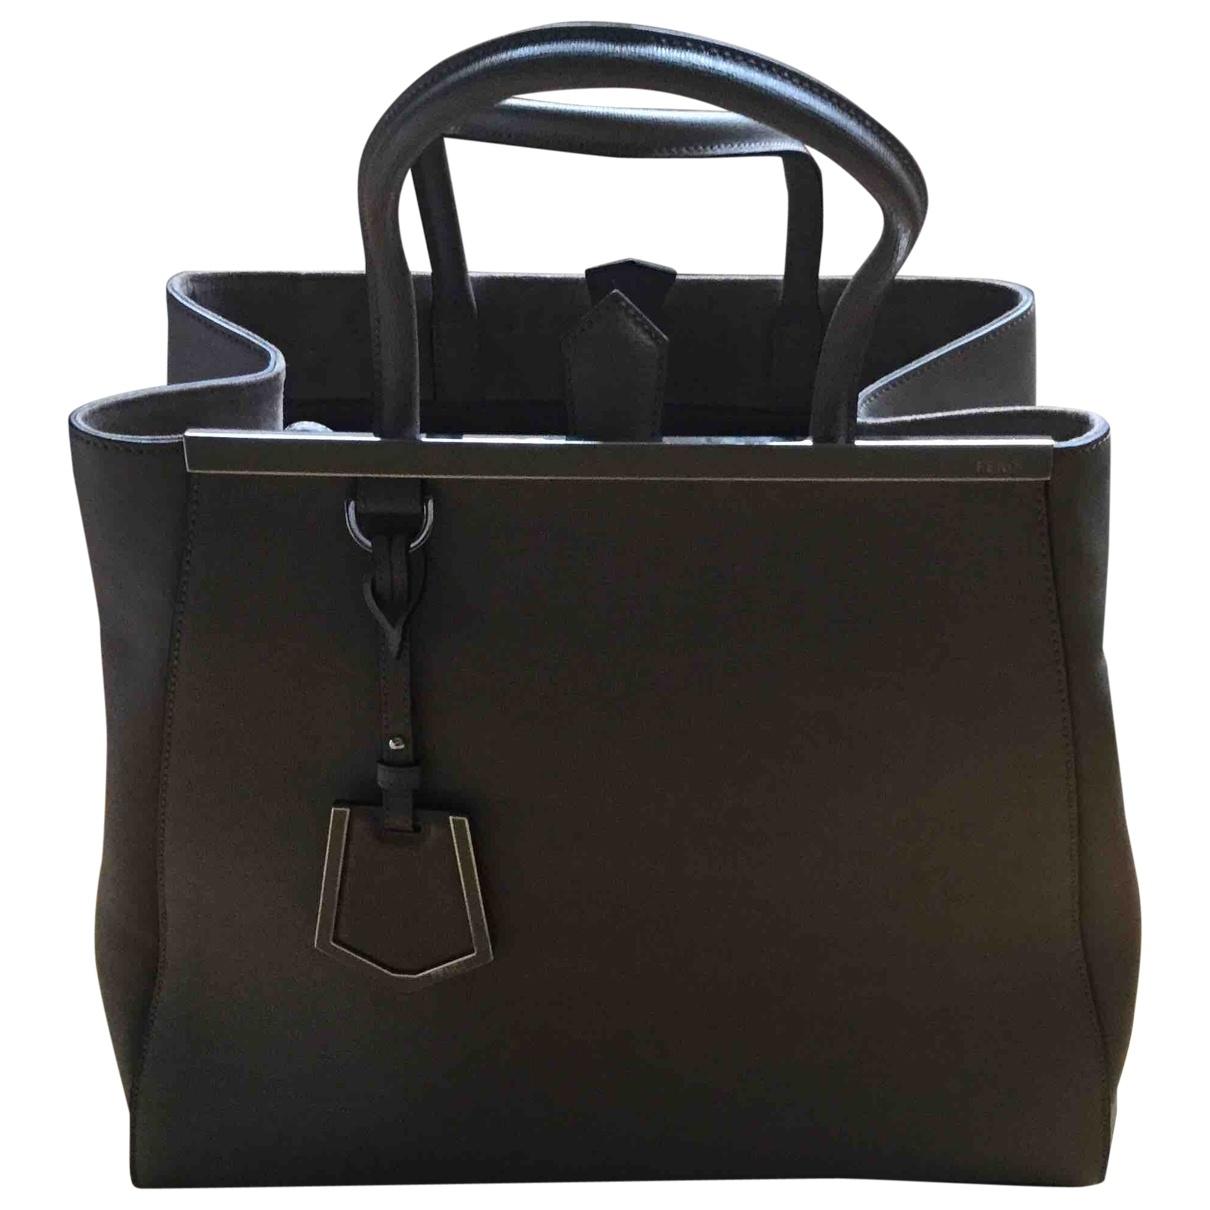 Fendi 2Jours Beige Leather handbag for Women \N